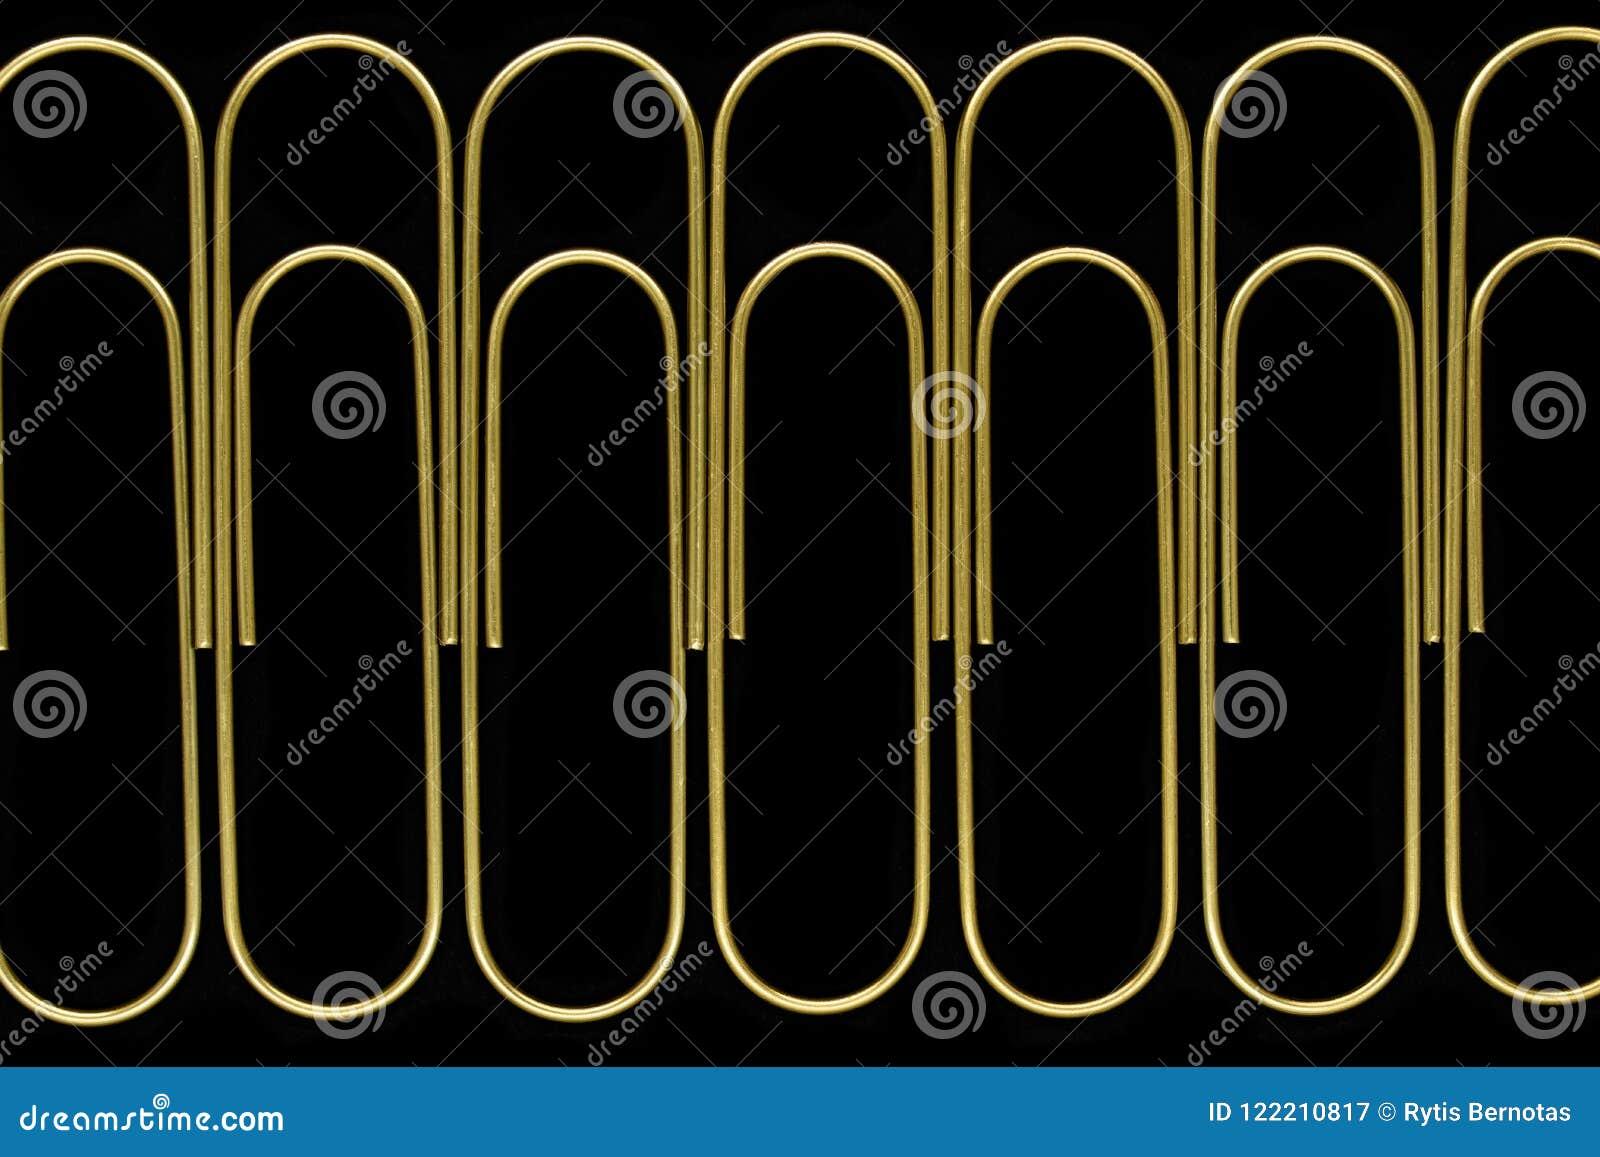 Ομάδα αιχμηρής και σαφούς άποψης των χρυσών paperclips που στέκονται στη γραμμή στη μαύρη επιφάνεια υποβάθρου